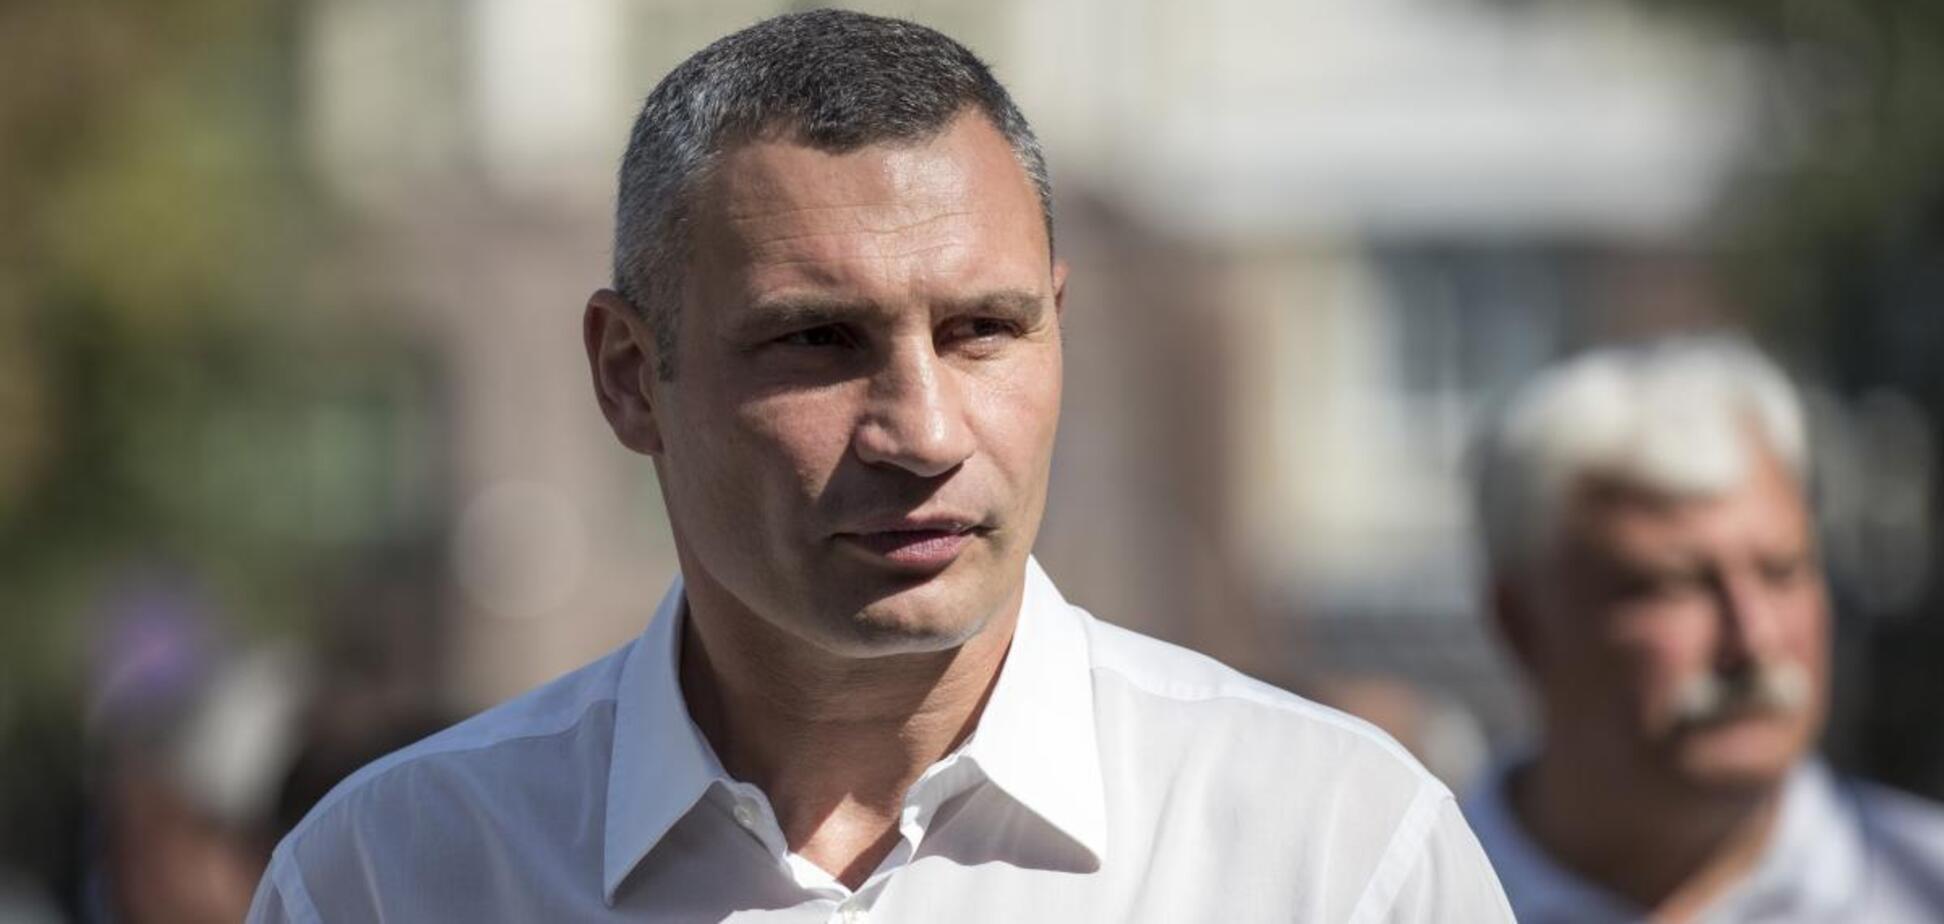 Кличко хотят отстранить от должности мэра Киева, ему готовят подозрение – источники со 'Слуги народа'